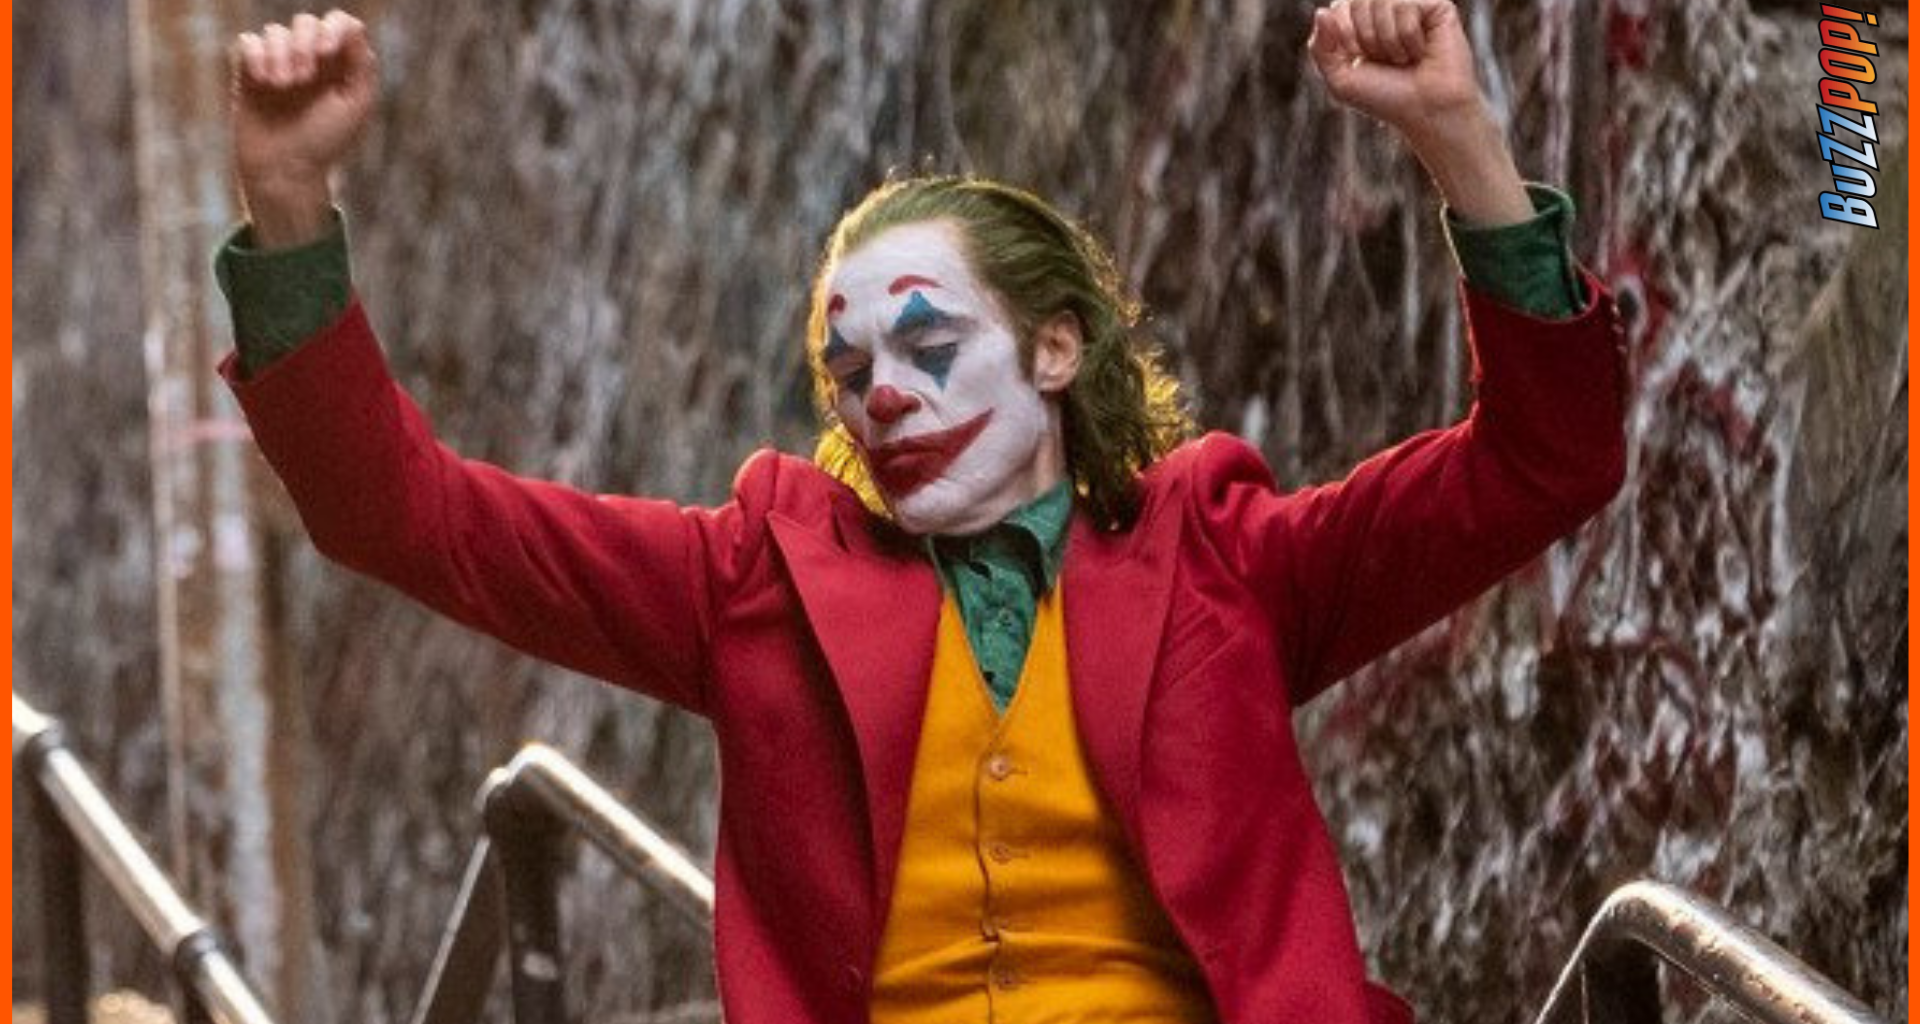 JOKER Wins Venice Film Festival!